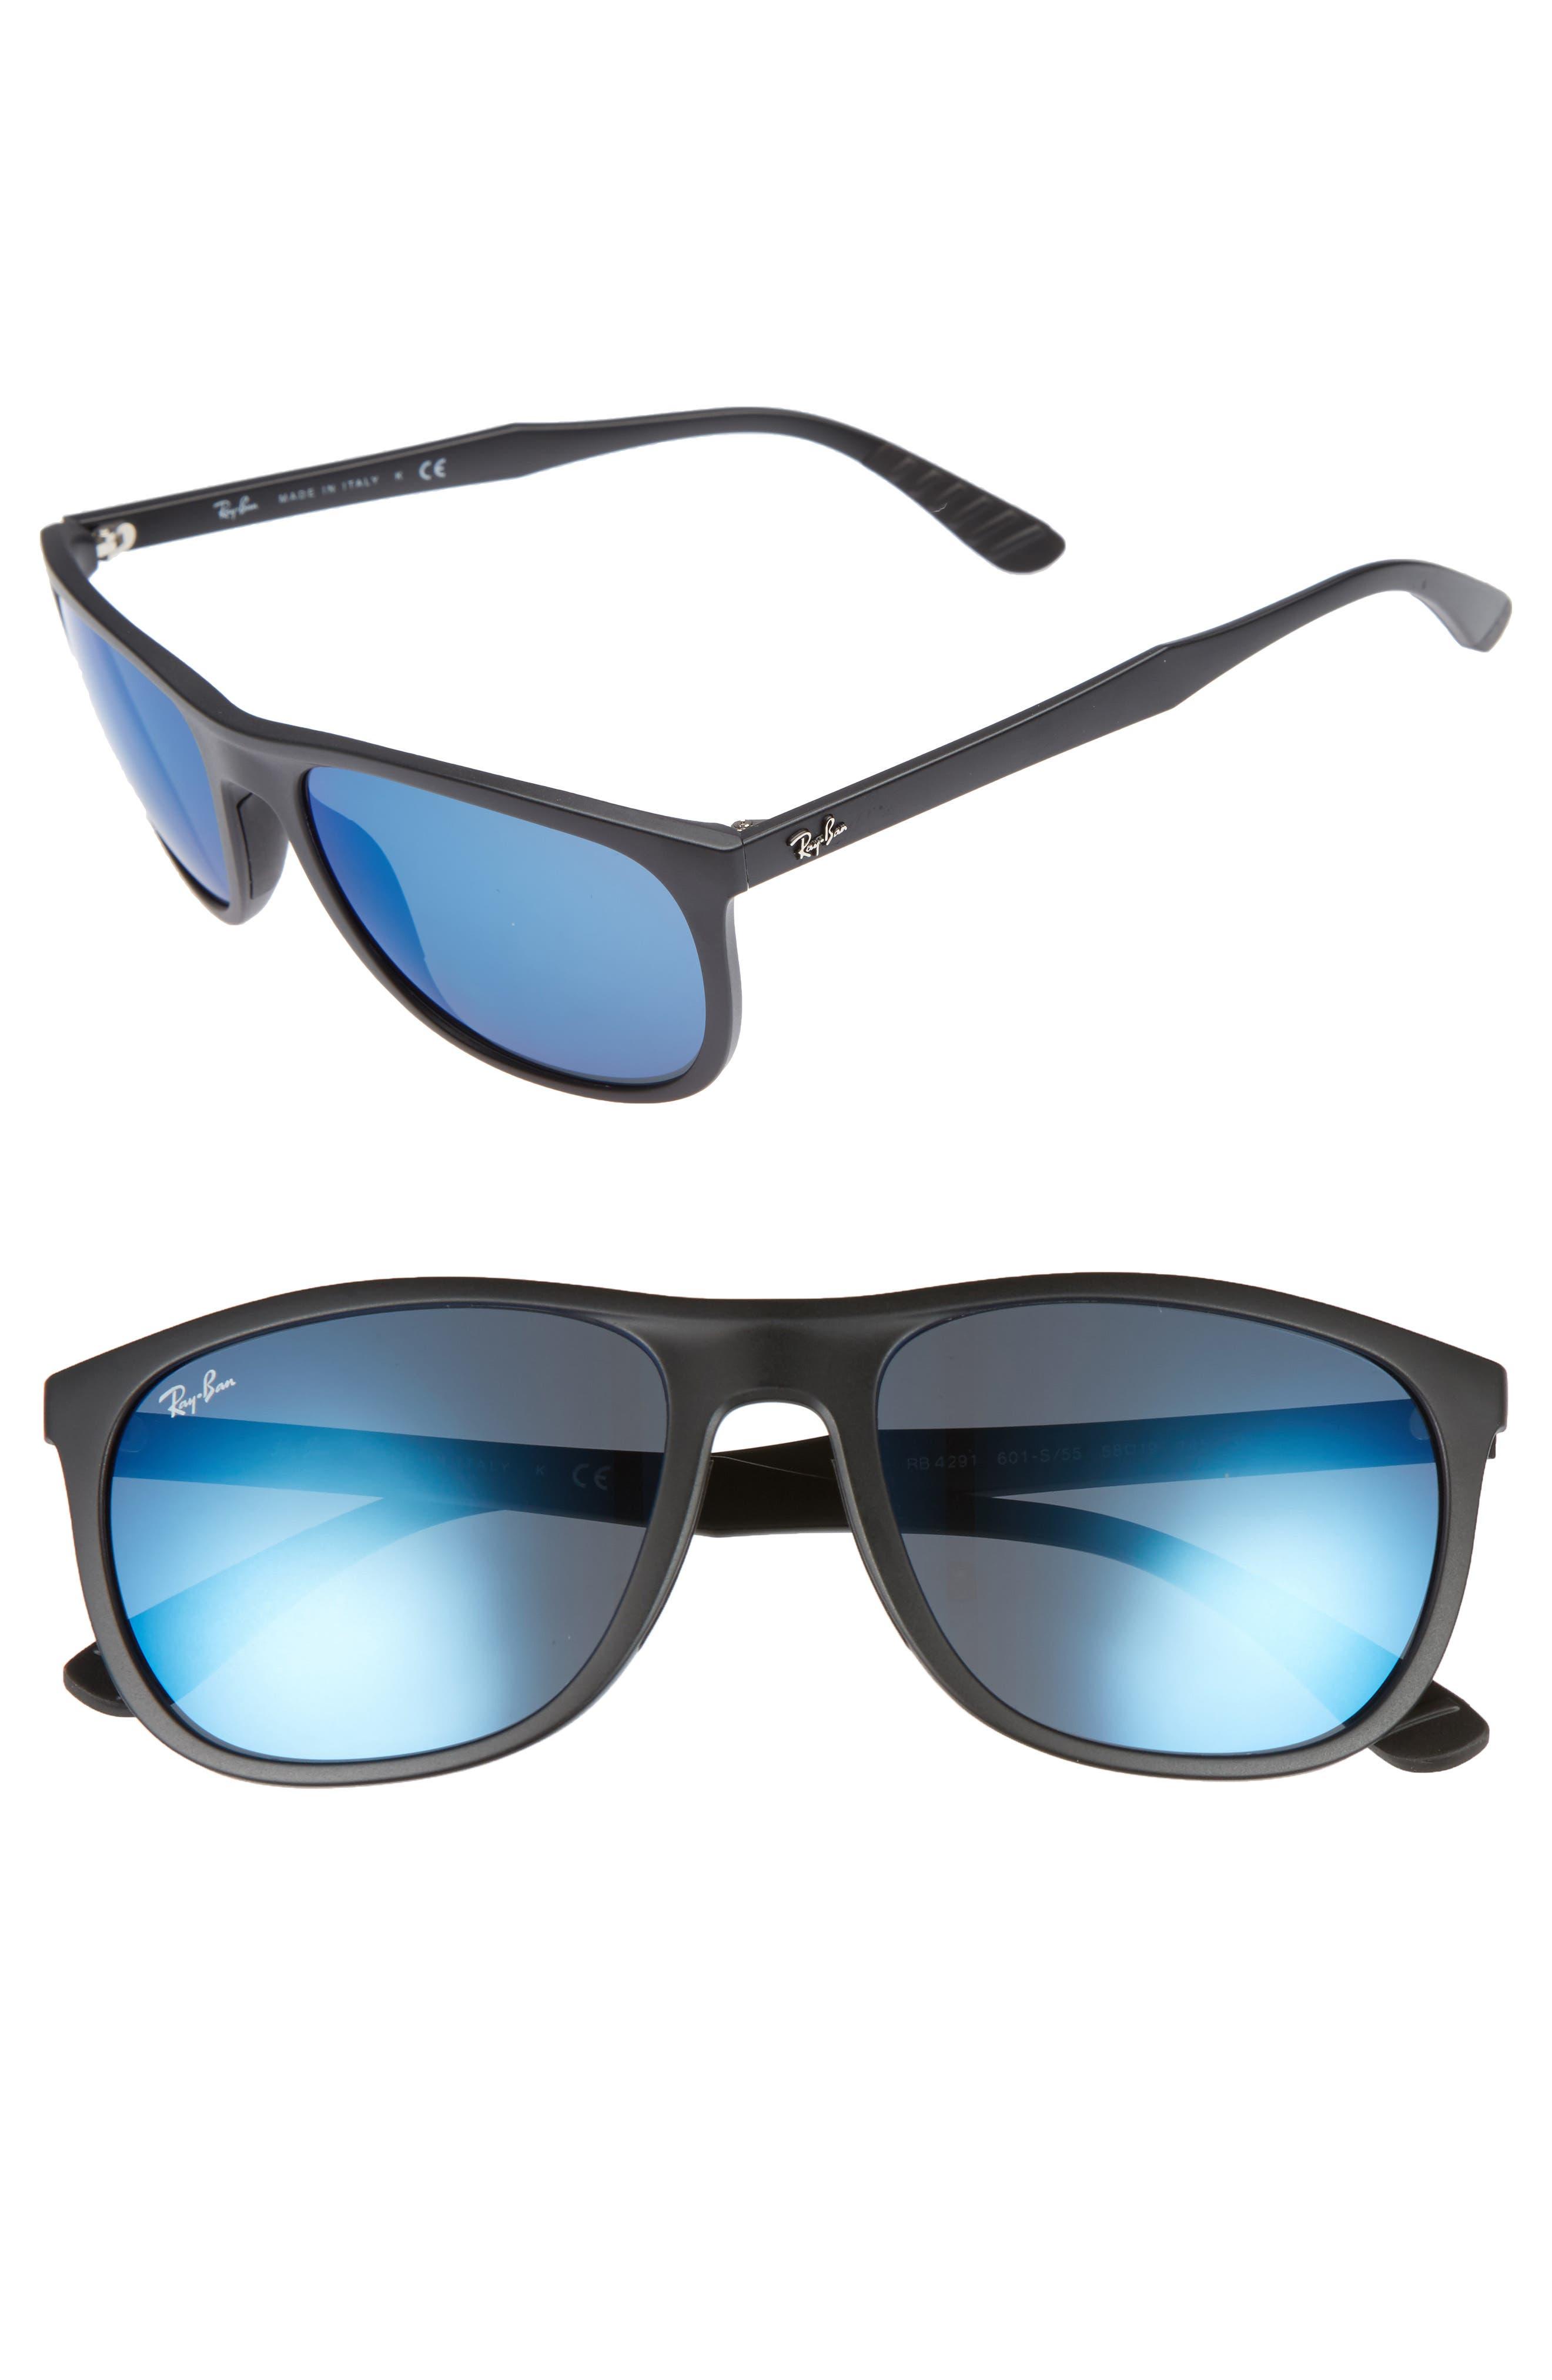 Active Lifestyle 58mm Sunglasses,                             Main thumbnail 1, color,                             BLACK/ BLUE